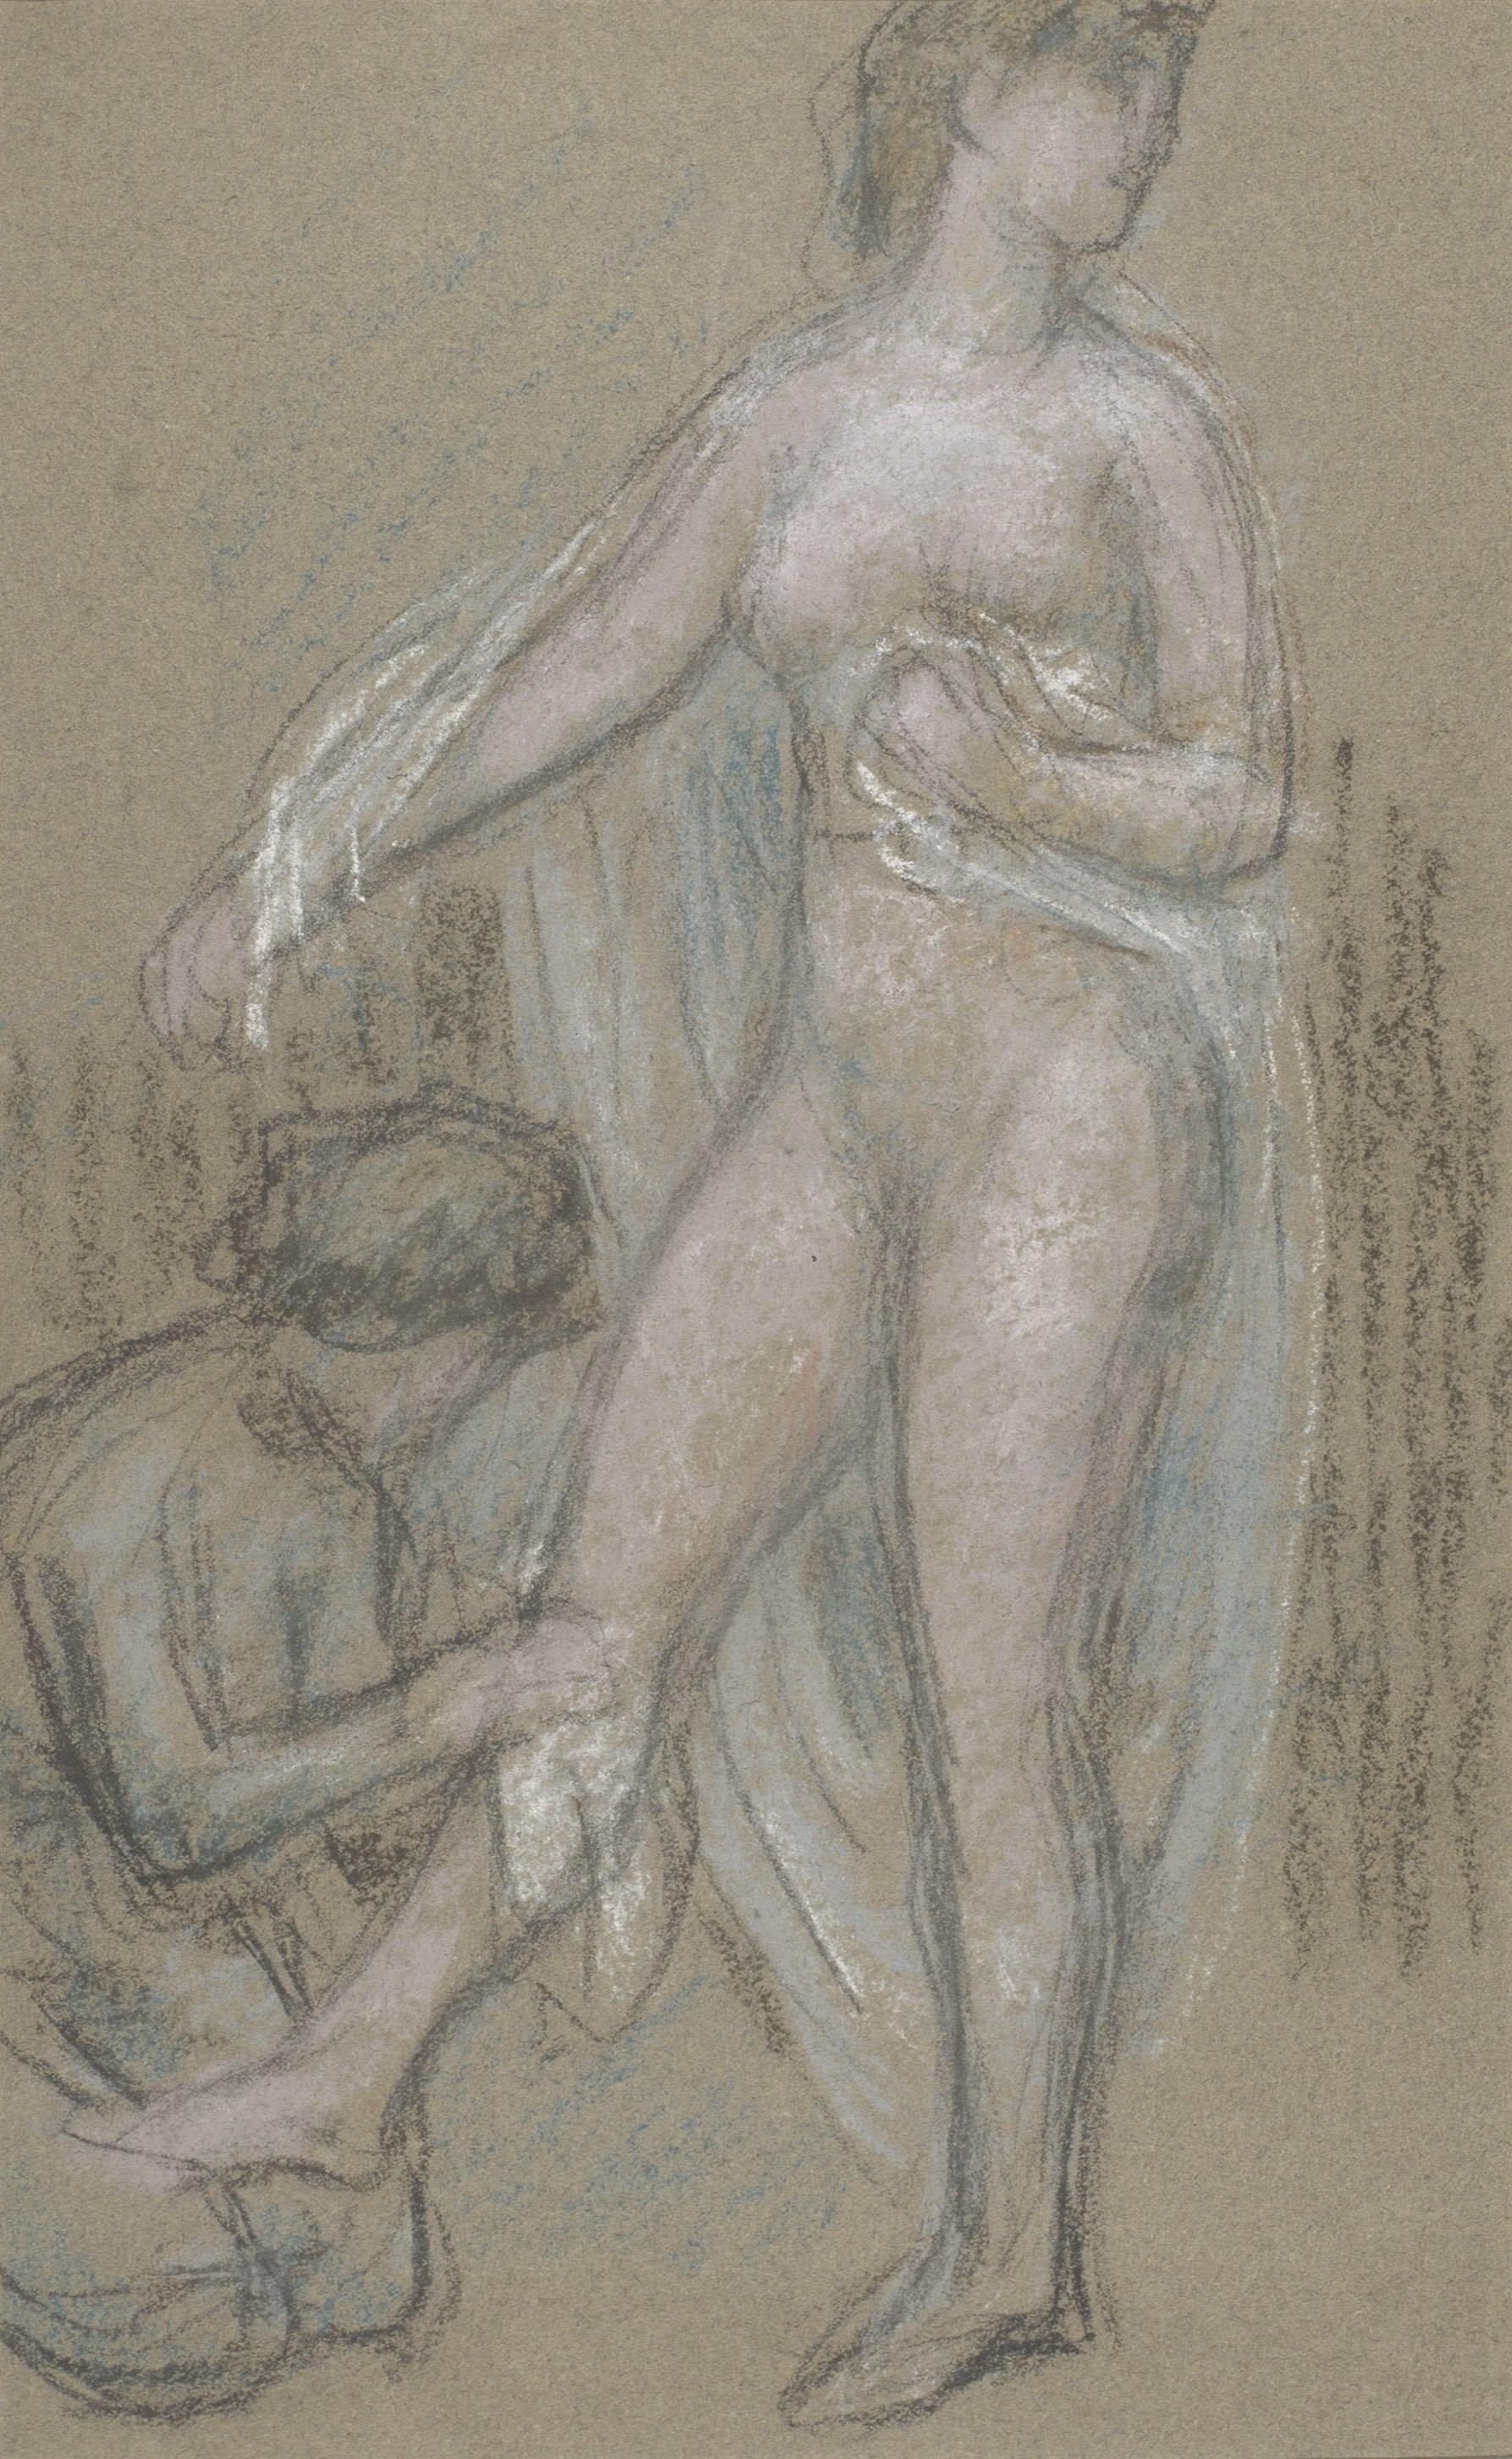 Juli González - Nu amb vel vaporós (Nu au voile vaporeux) - Cap a 1910-1918